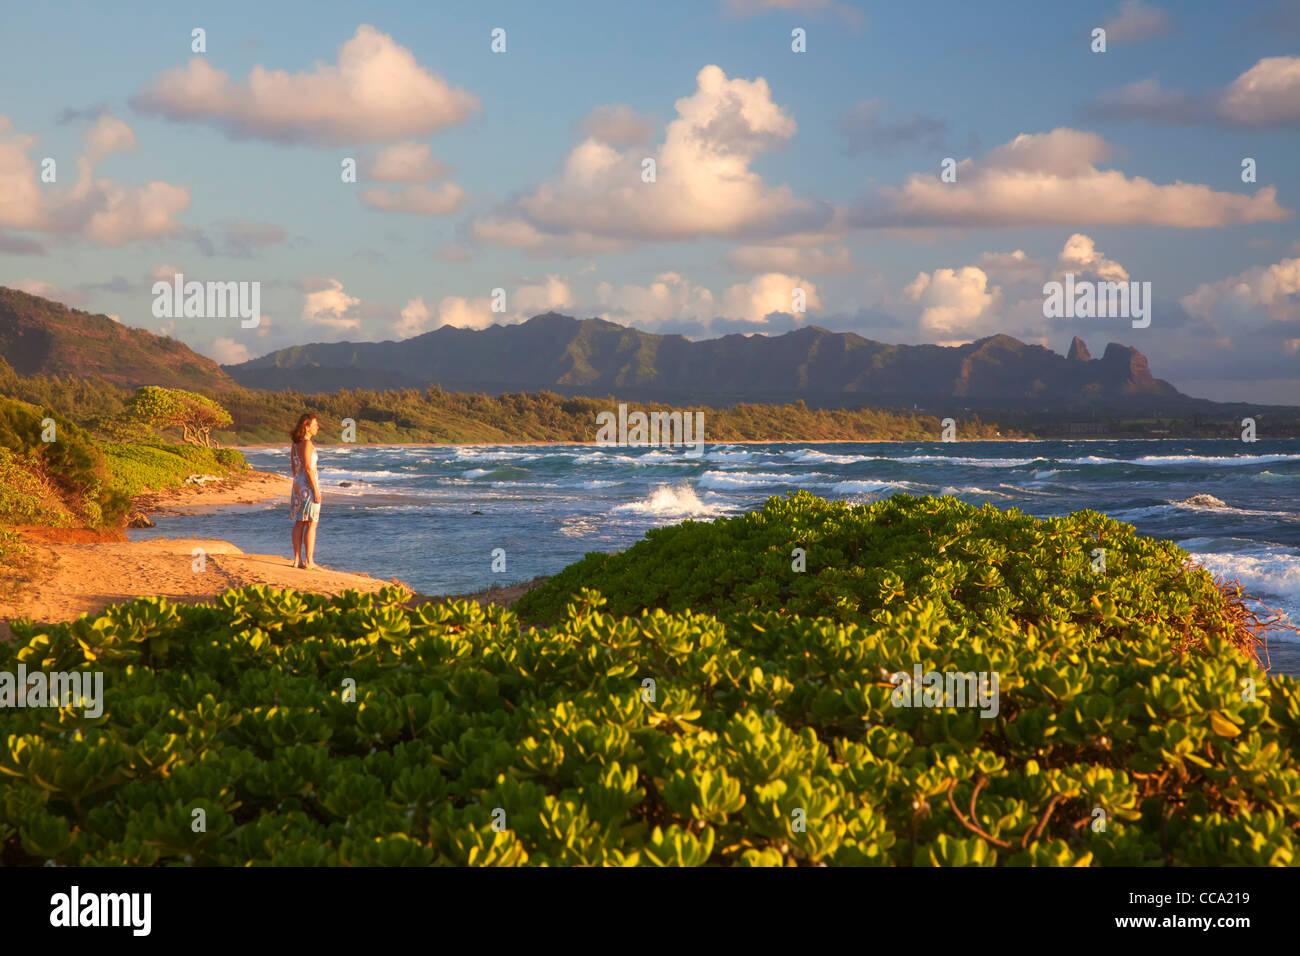 Un visitante en Nukoli'i Beach, también conocido como cocinas, Playa de Kauai, Hawaii. (Modelo liberado) Foto de stock